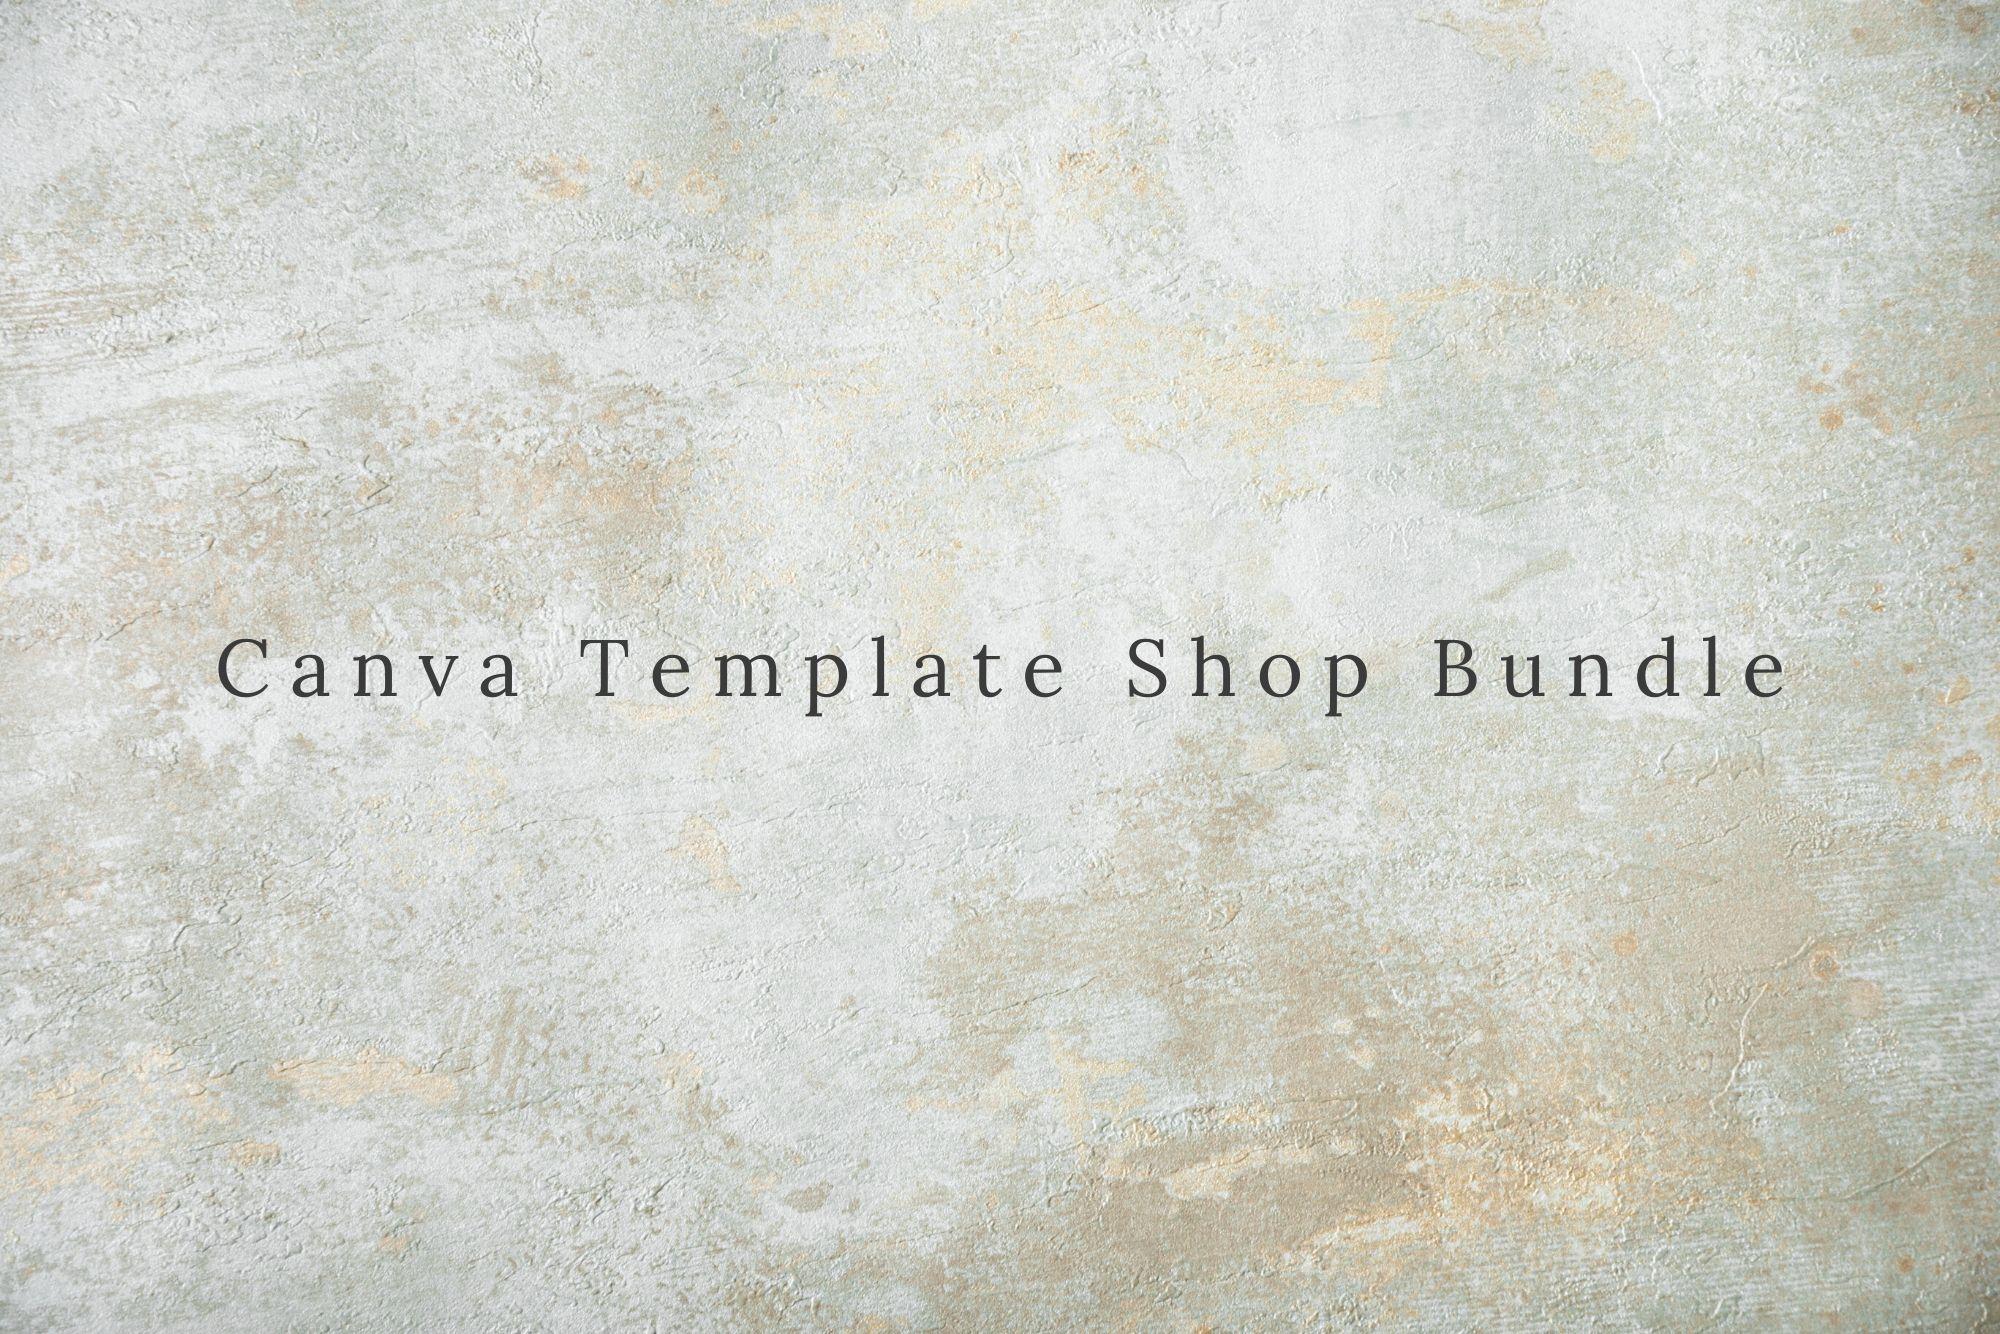 Canva Template Shop Bundle